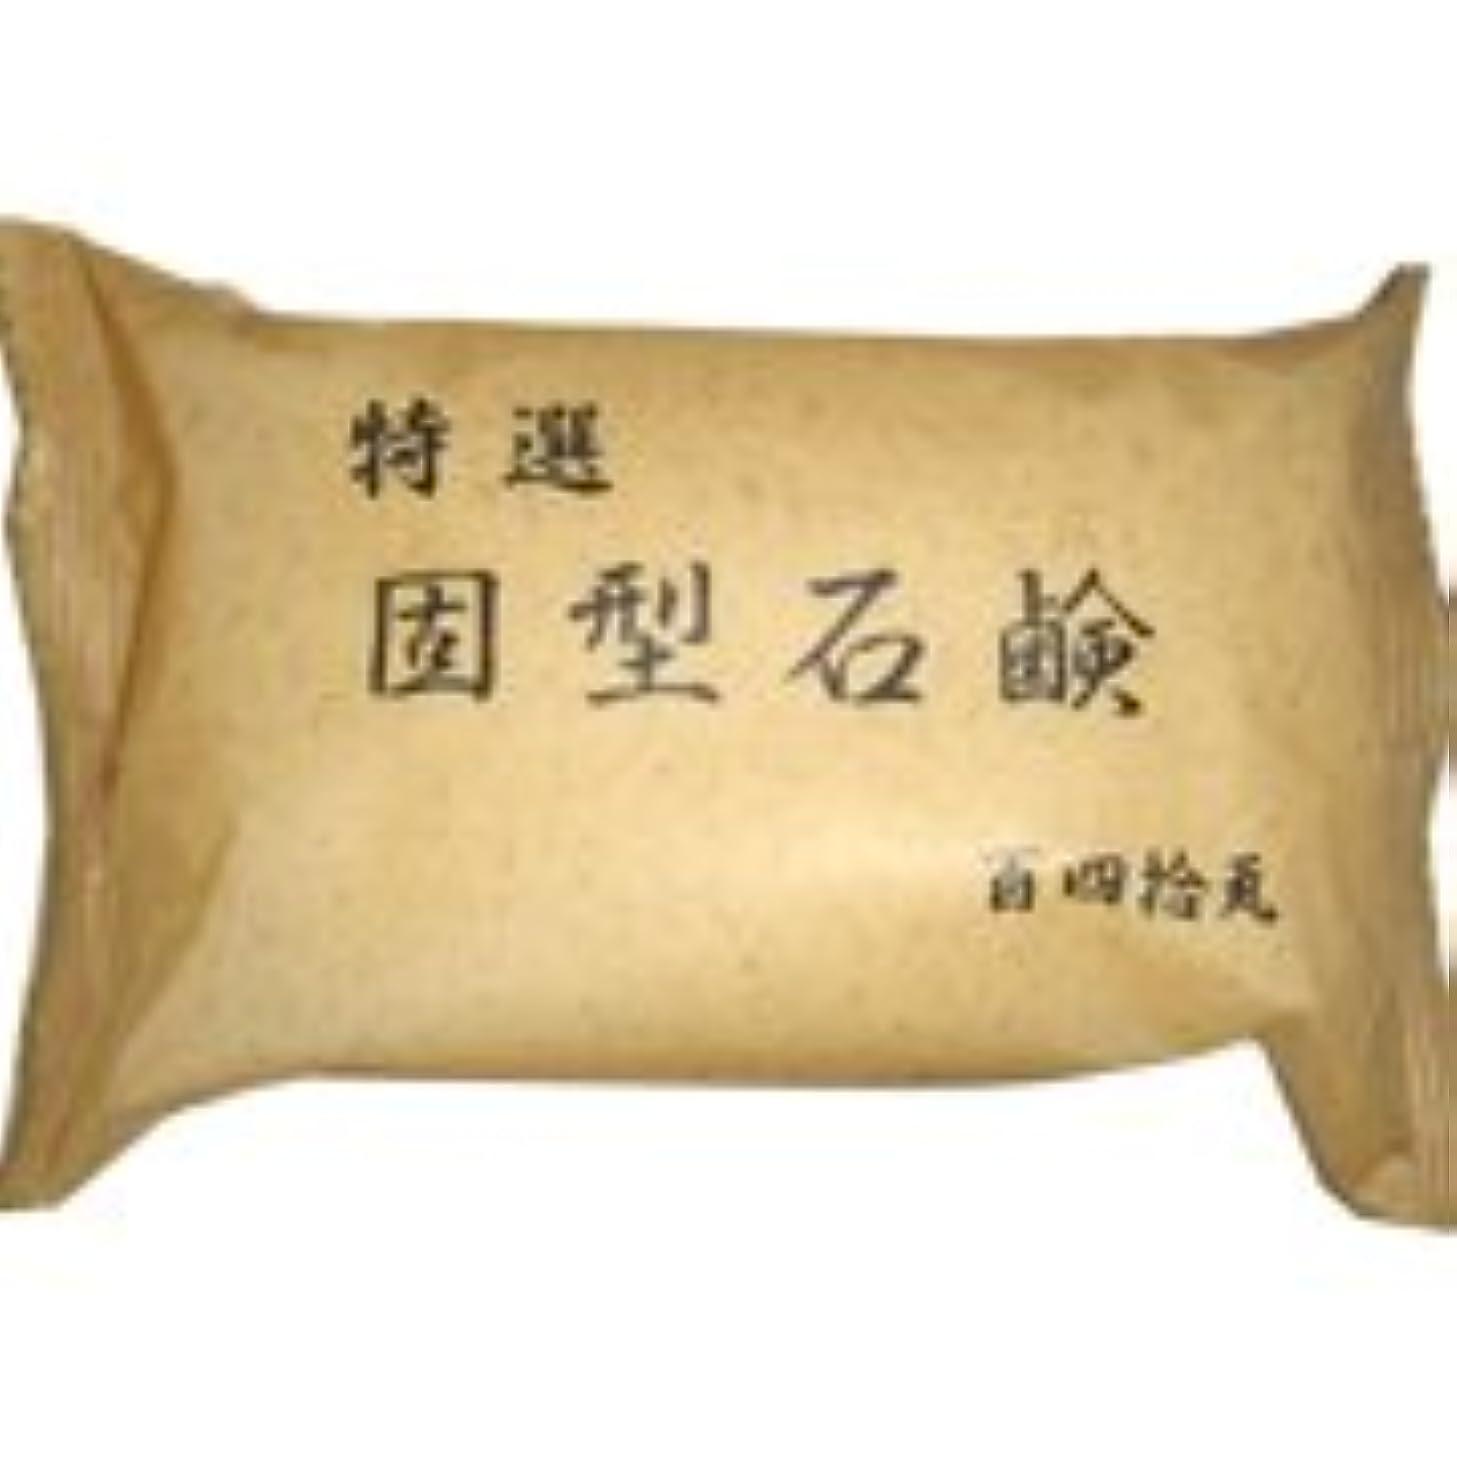 障害者祖母シプリー特選 固型石鹸 140g    エスケー石鹸